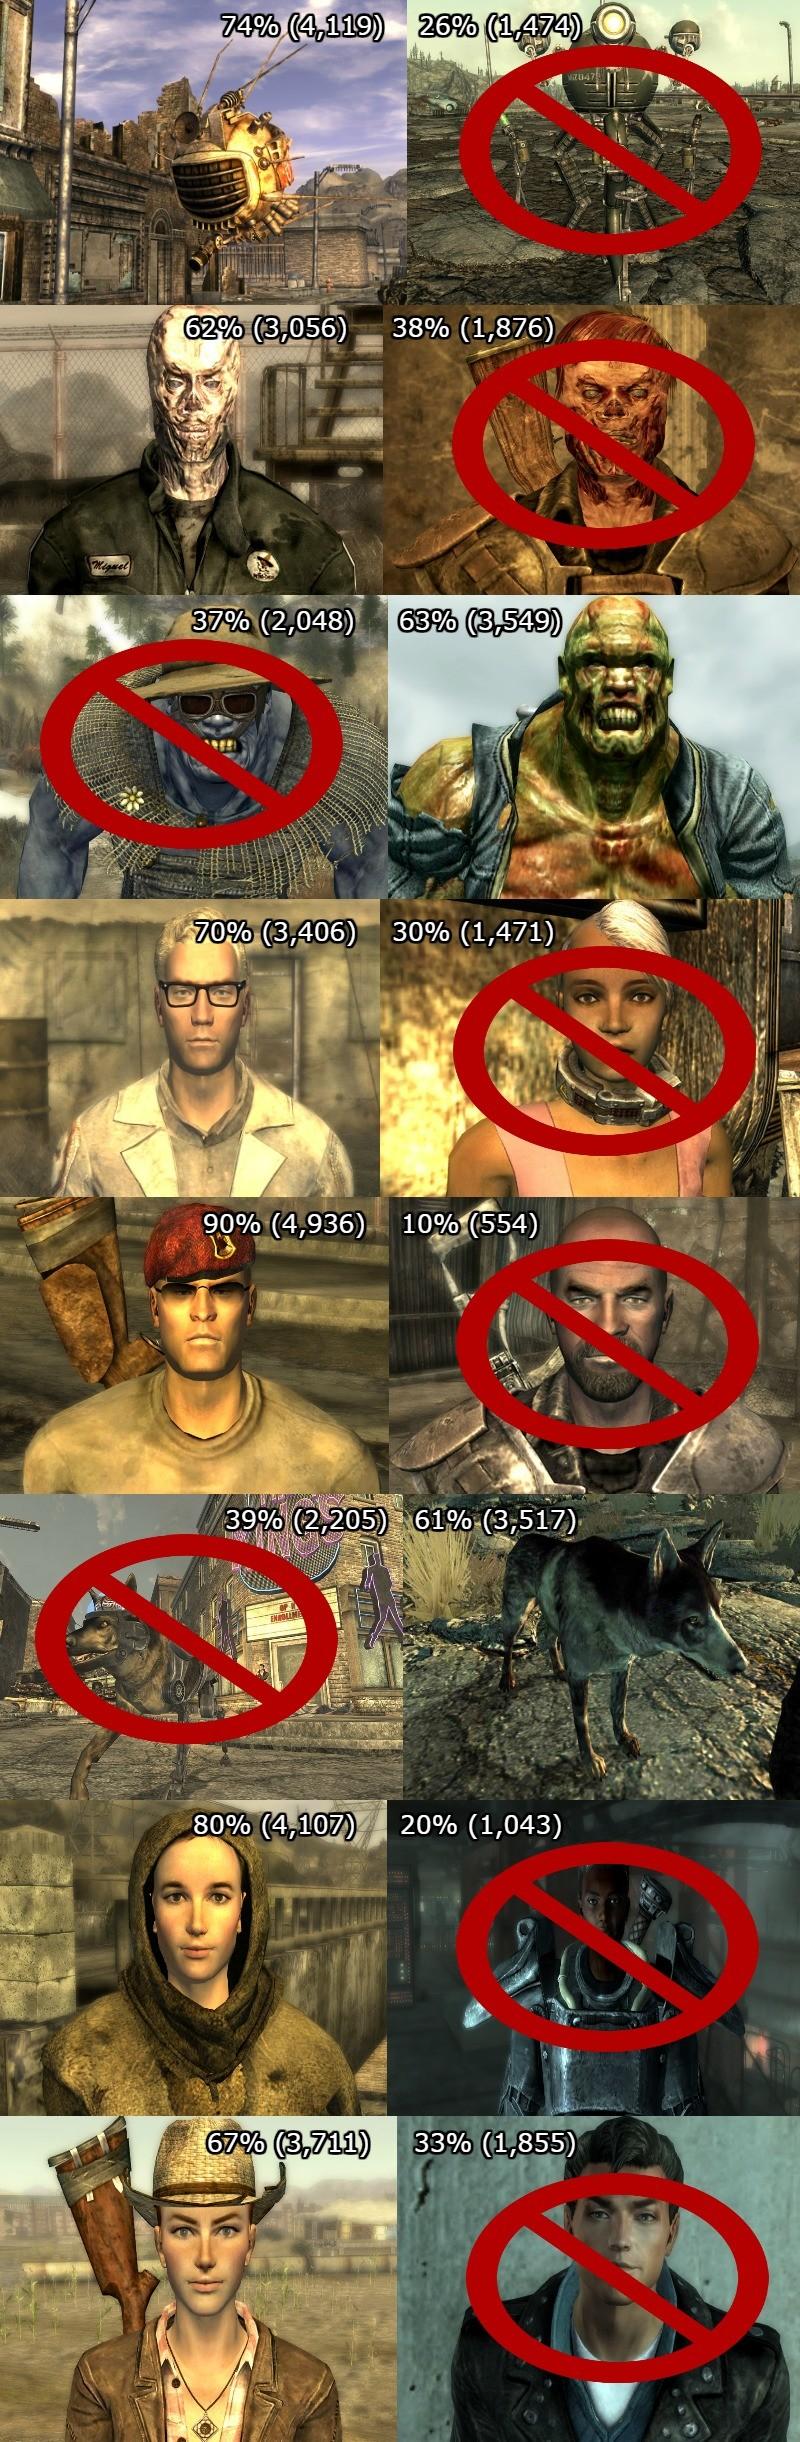 Fallout 3 + NV Companions - Round 2